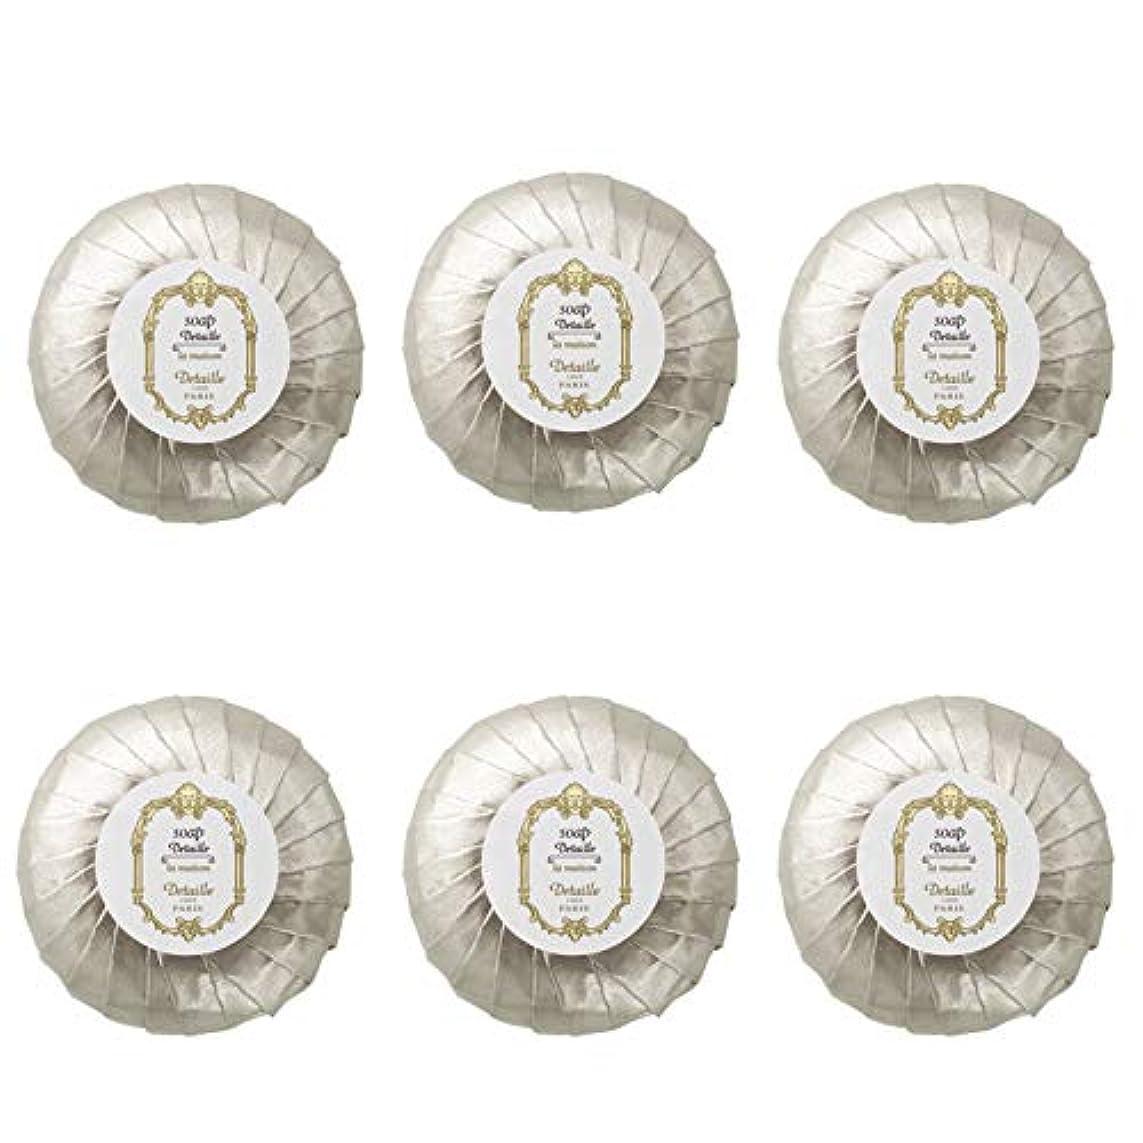 染色植物のすることになっているPOLA デタイユ ラ メゾン スキンソープ 固形石鹸 (プリーツ包装) 50g×6個